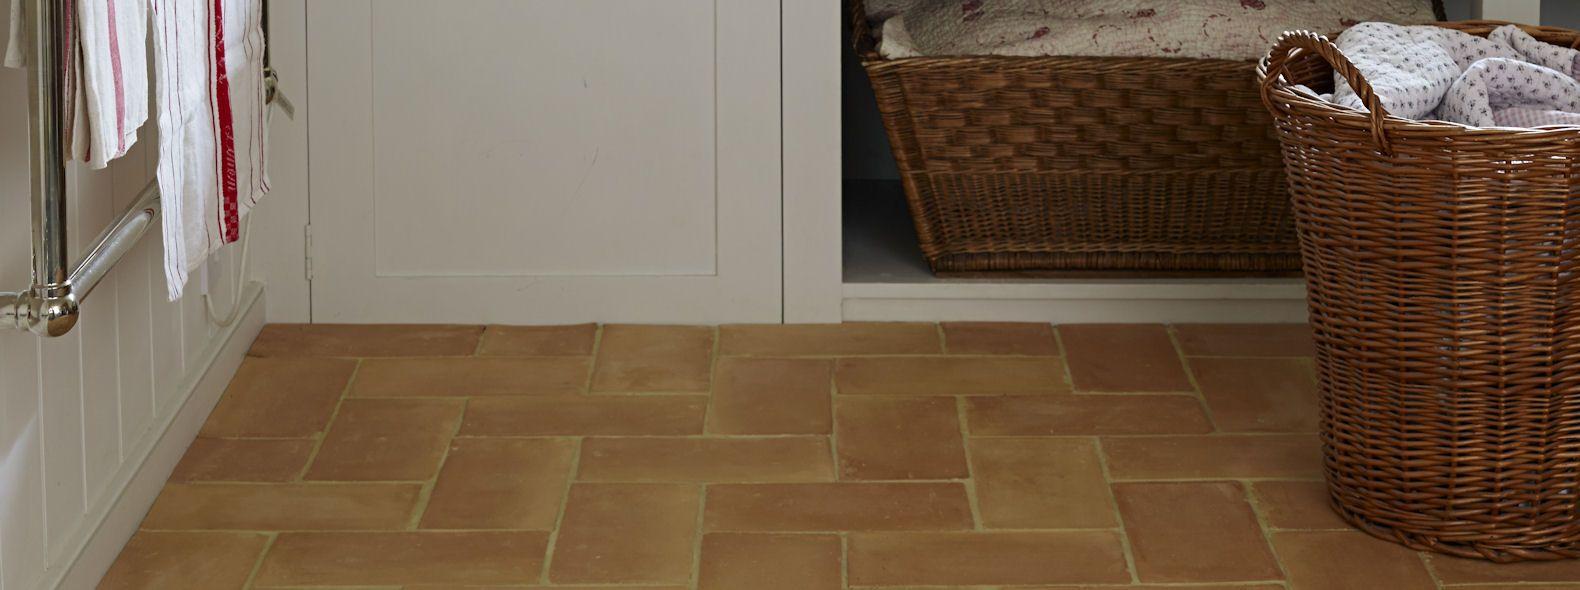 Terracotta Tiles   Terracotta Floor Tiles   Mandarin Stone